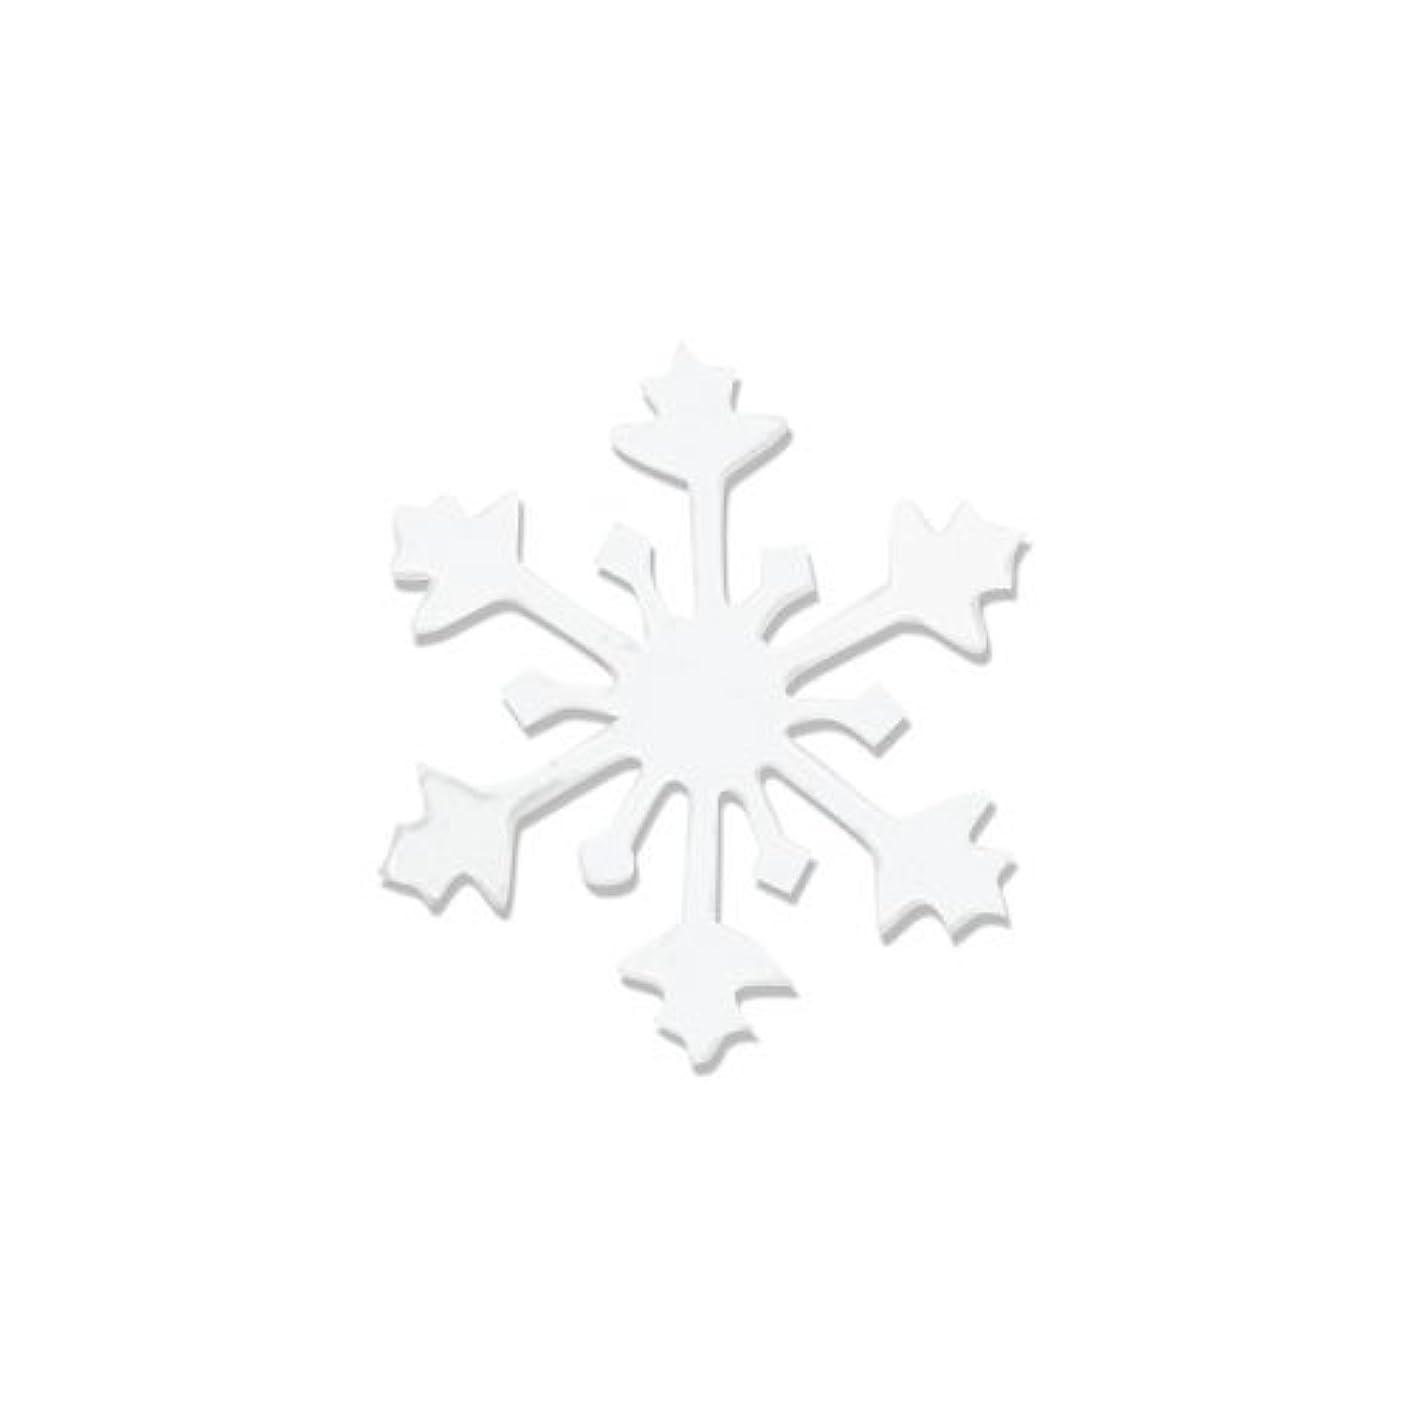 肺請求可能見かけ上リトルプリティー ネイルアートパーツ スノークリスタル SS ホワイト 15個